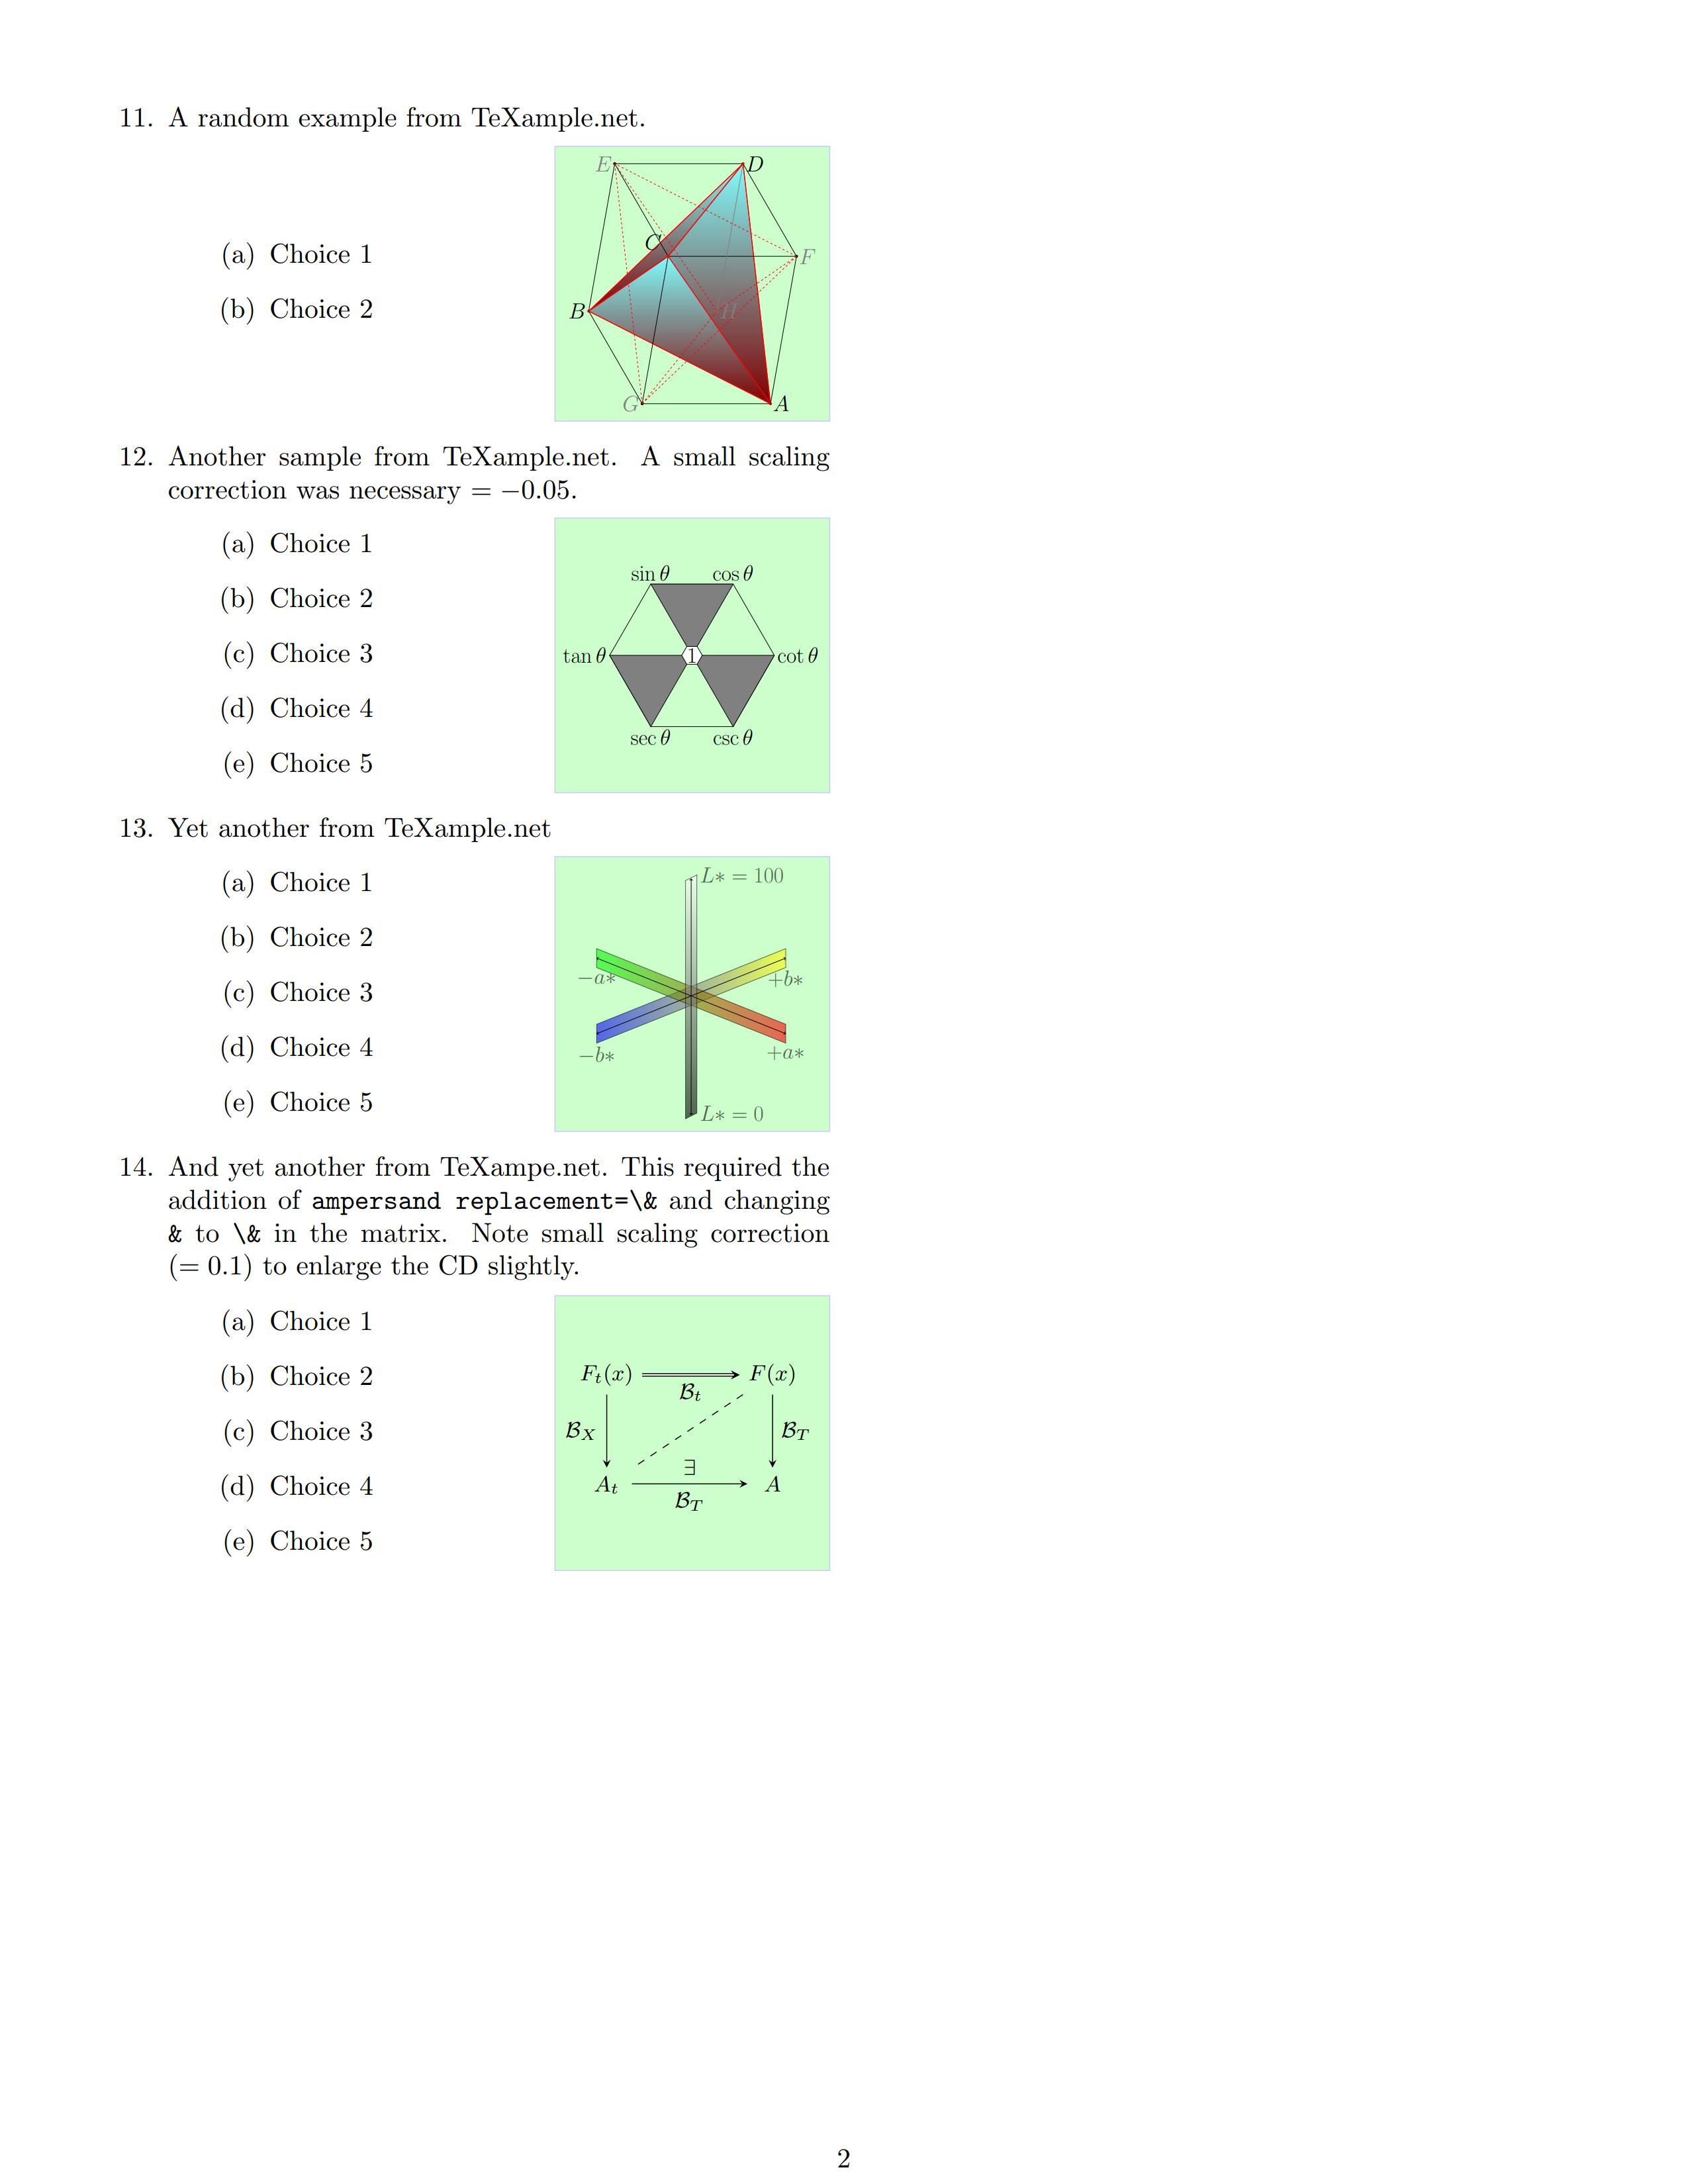 图与题目并存的试题排版样例